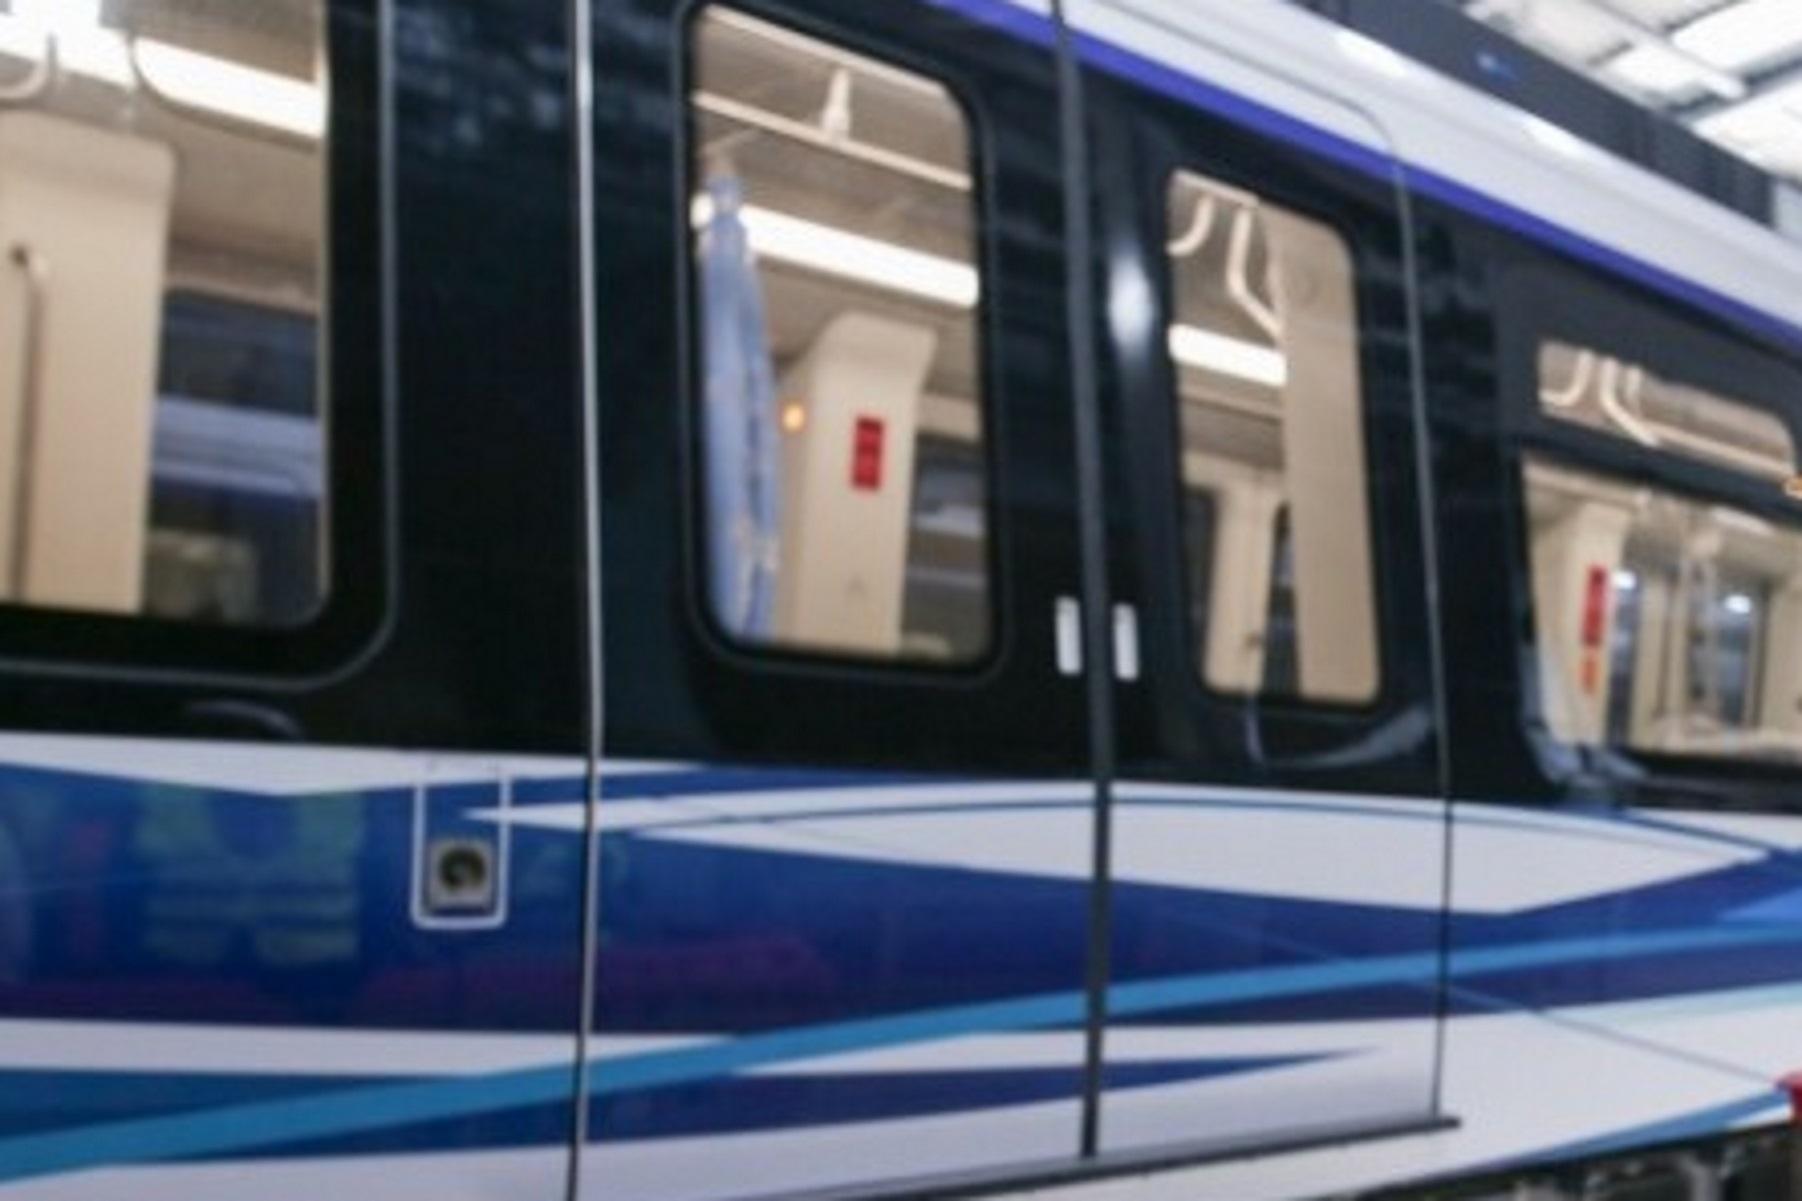 Μετρό Θεσσαλονίκης – Νίκος Ταχιάος: Κάποιοι κάνουν ανταρτοπόλεμο, αλλά εμείς συνεχίζουμε